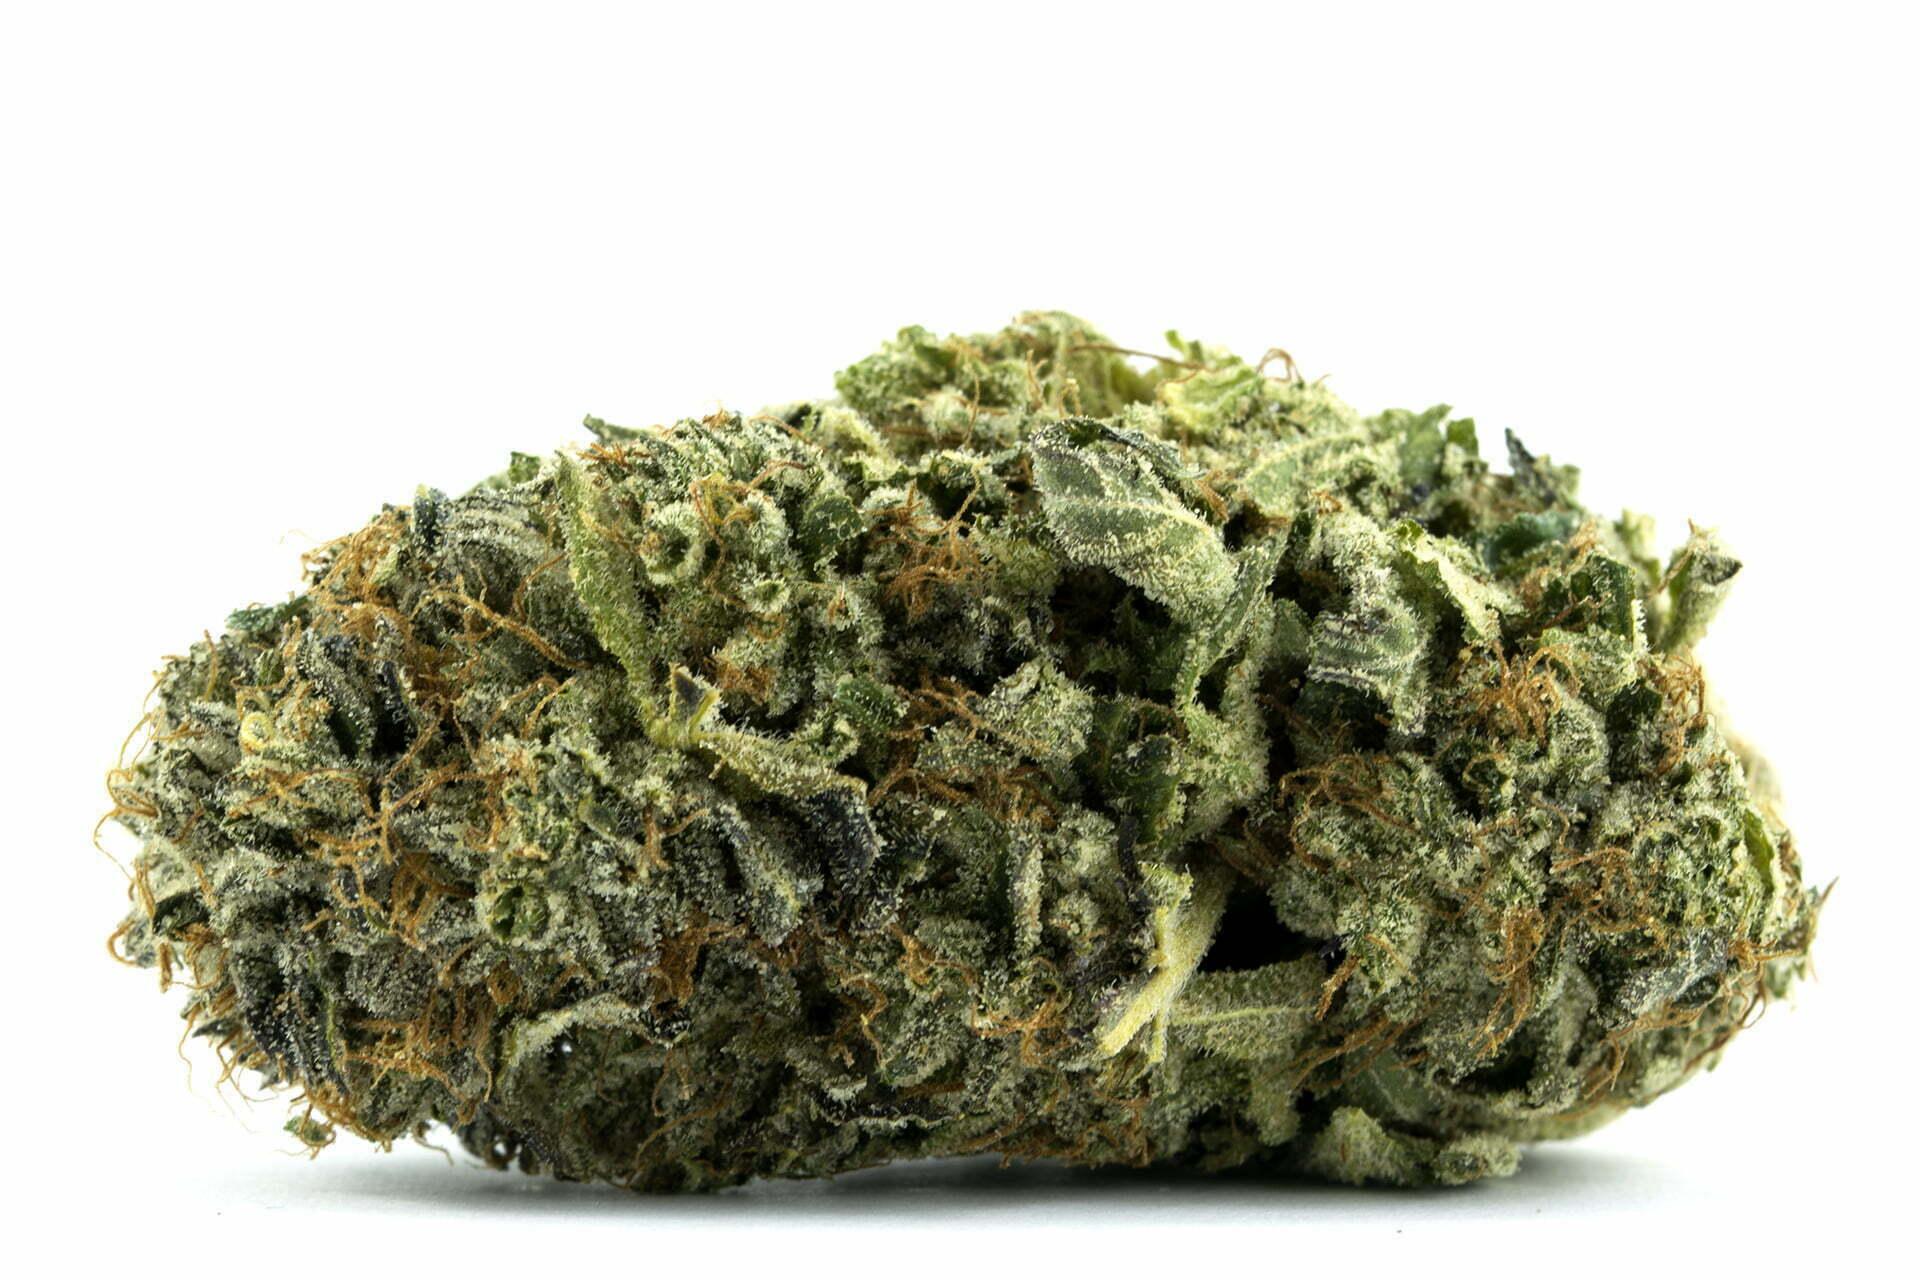 Pink Kush Strain Review - I Love Growing Marijuana